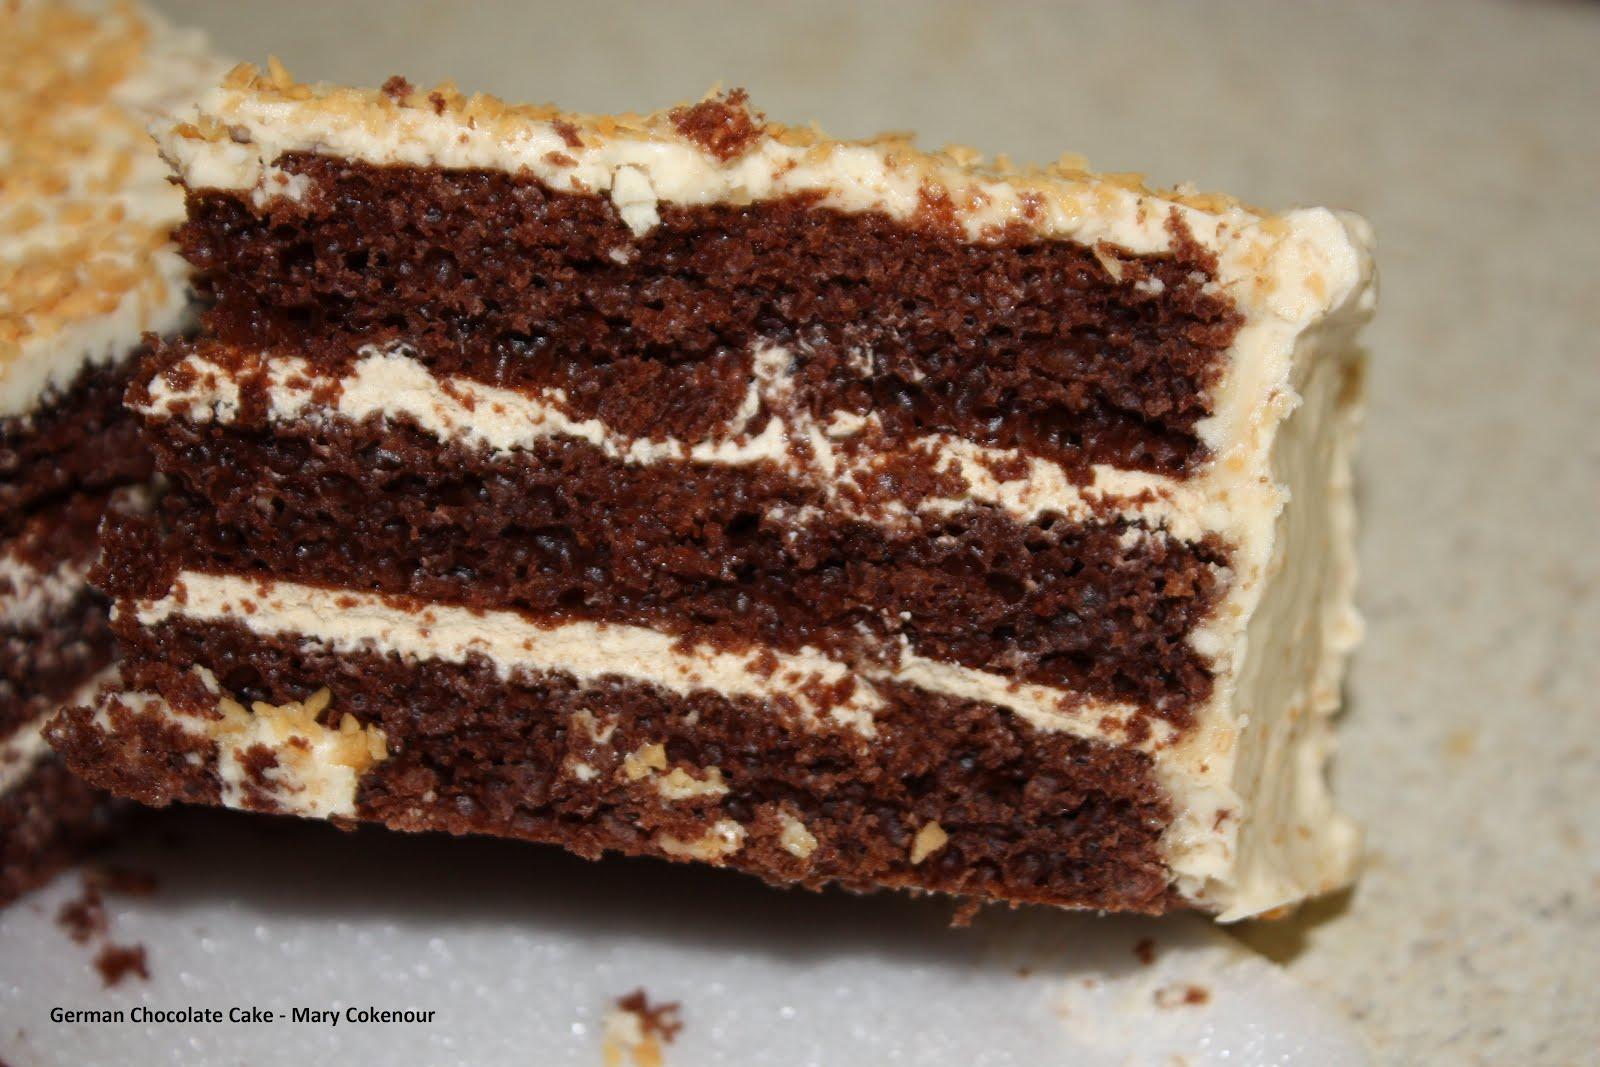 German Chocolate Cake Original Recipe | German Chocolate Cake Bakers